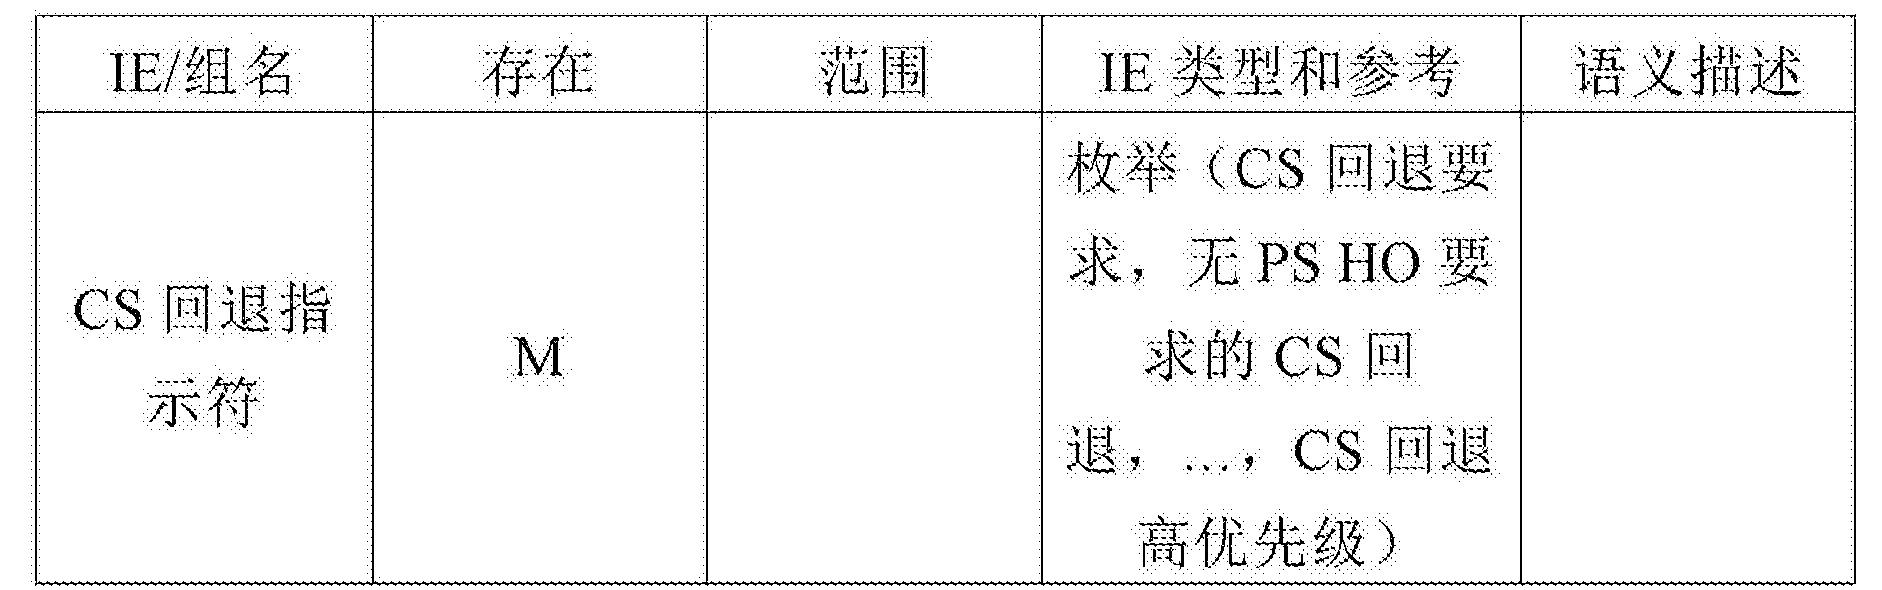 Figure CN103229546BD00951